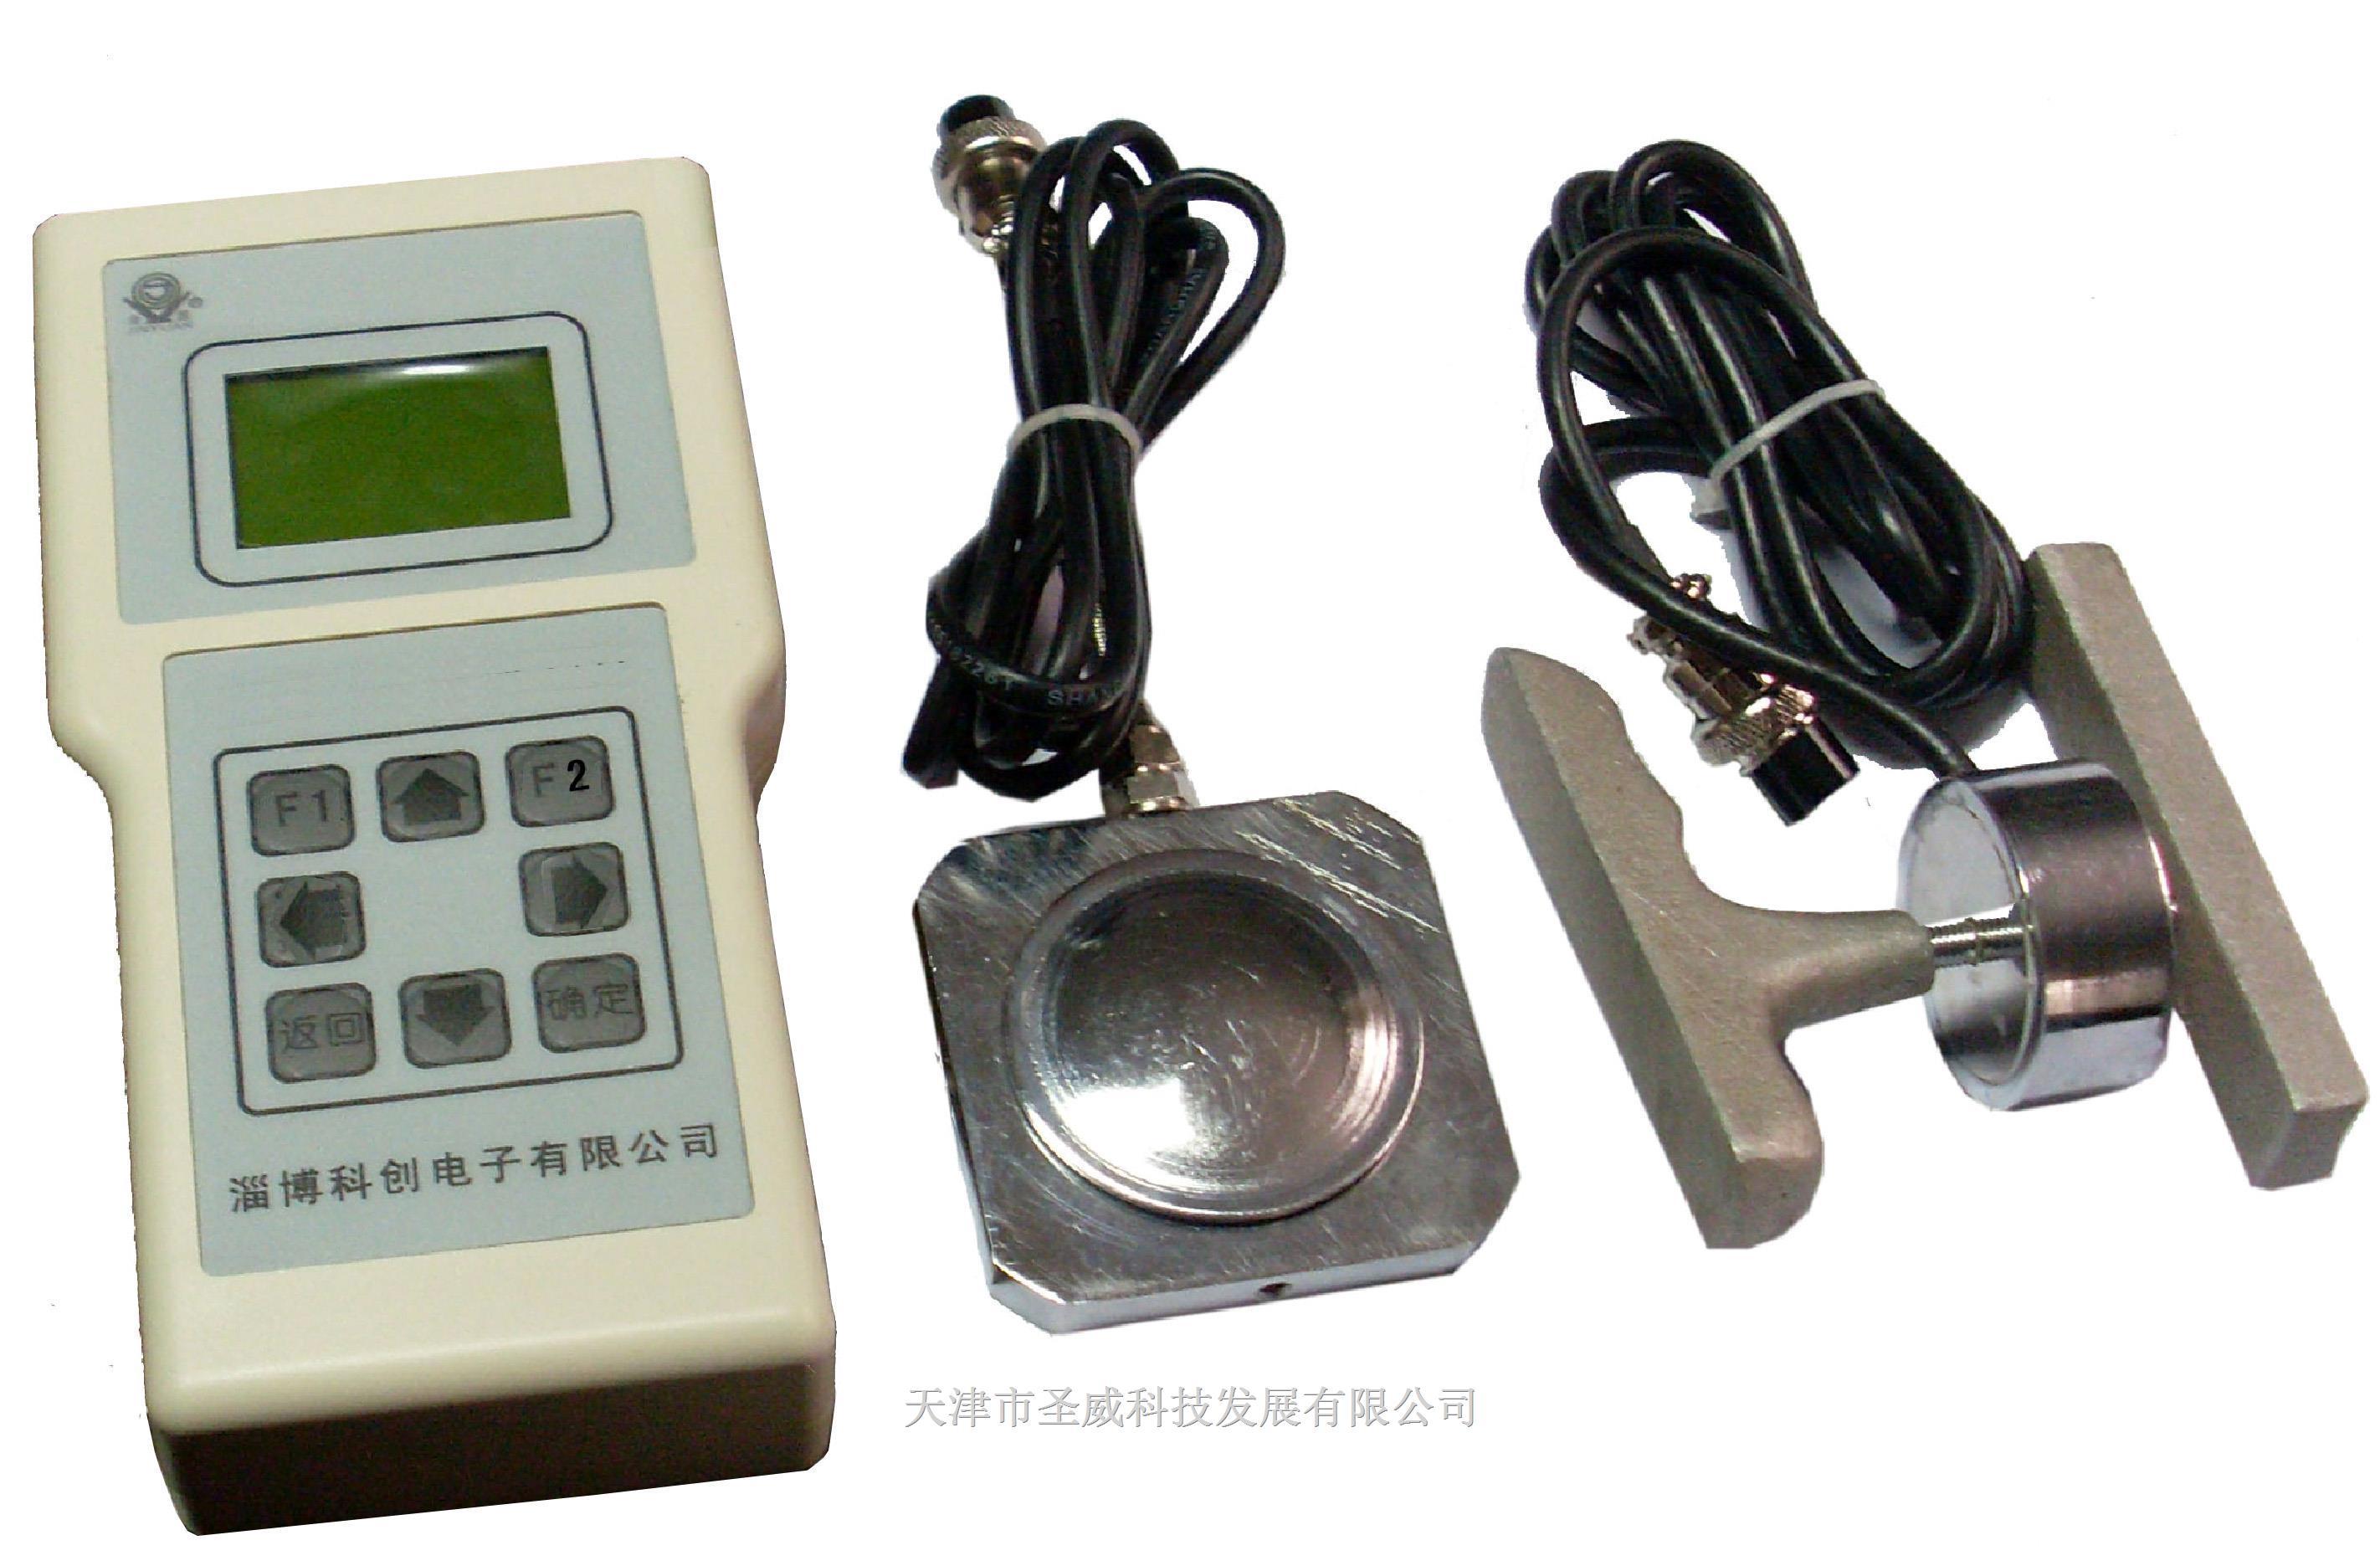 产品库 传感器 sv-tl-2踏板力计 制动踏板测力计 改进版踏板力计 踏板